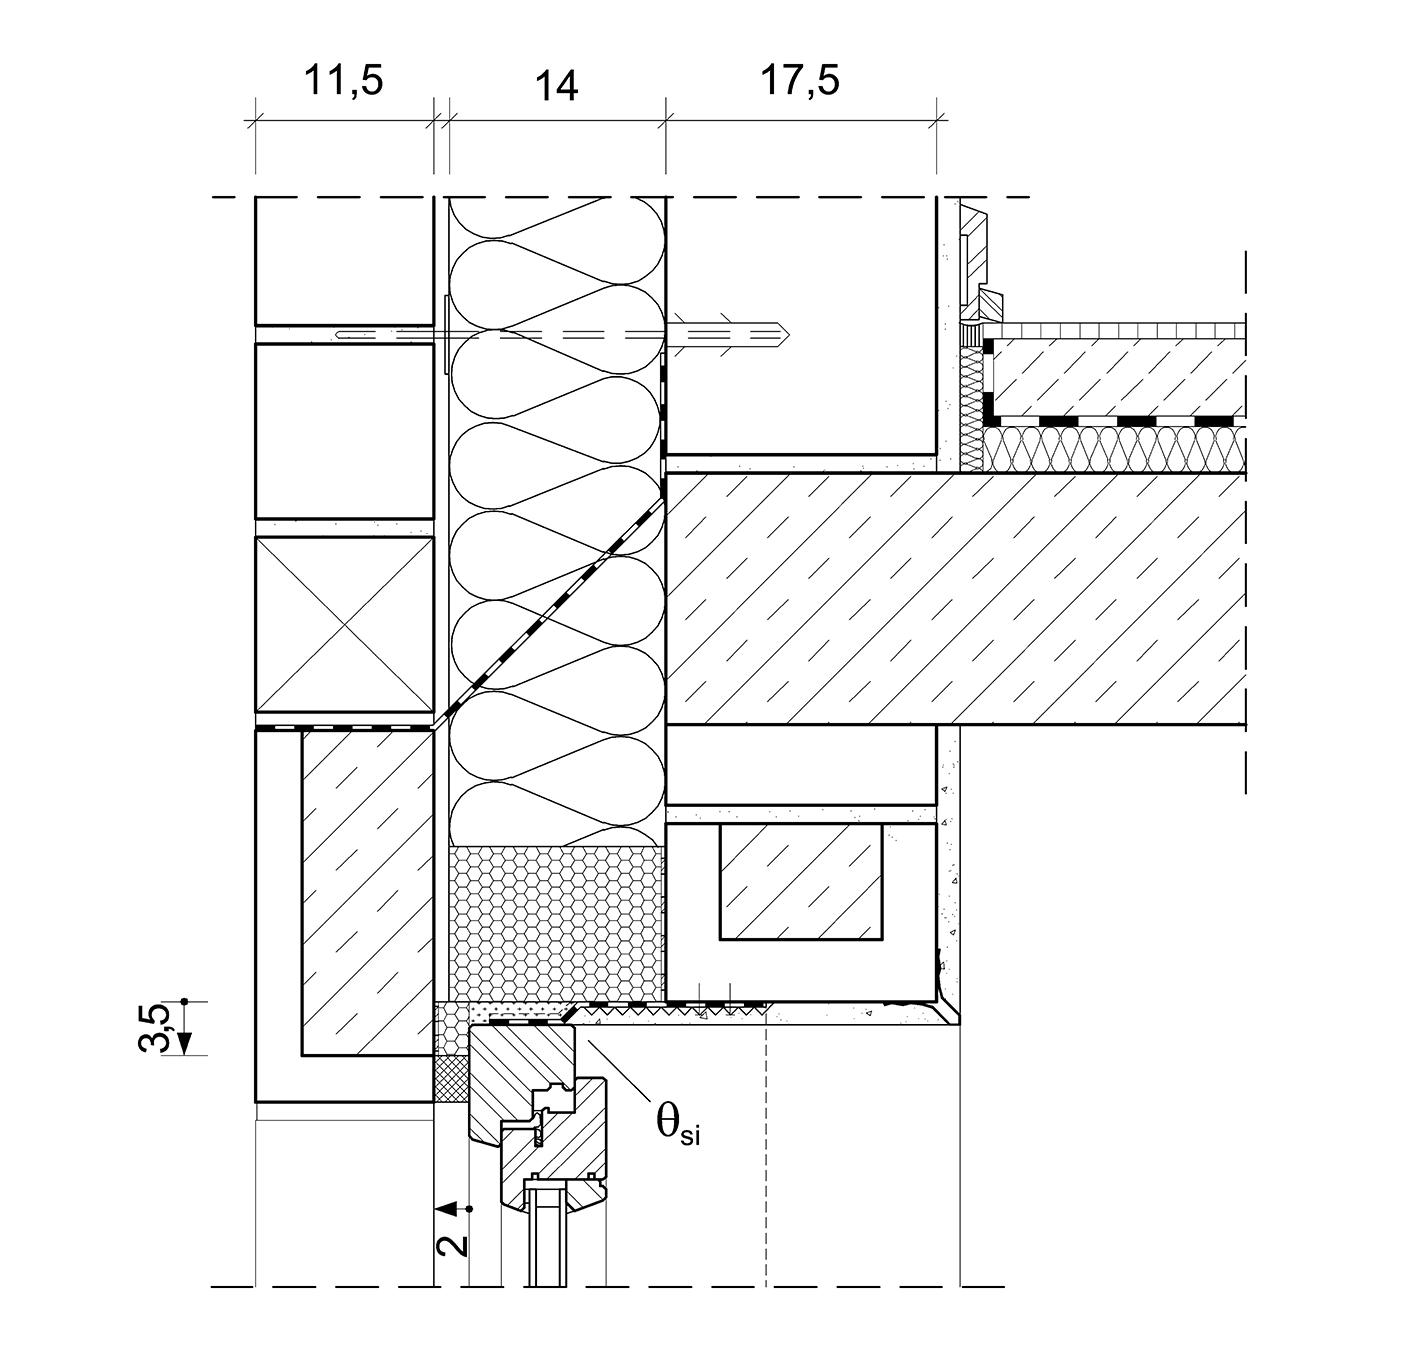 4 7 1 6 anschlusspunkt fenster architektenordner. Black Bedroom Furniture Sets. Home Design Ideas